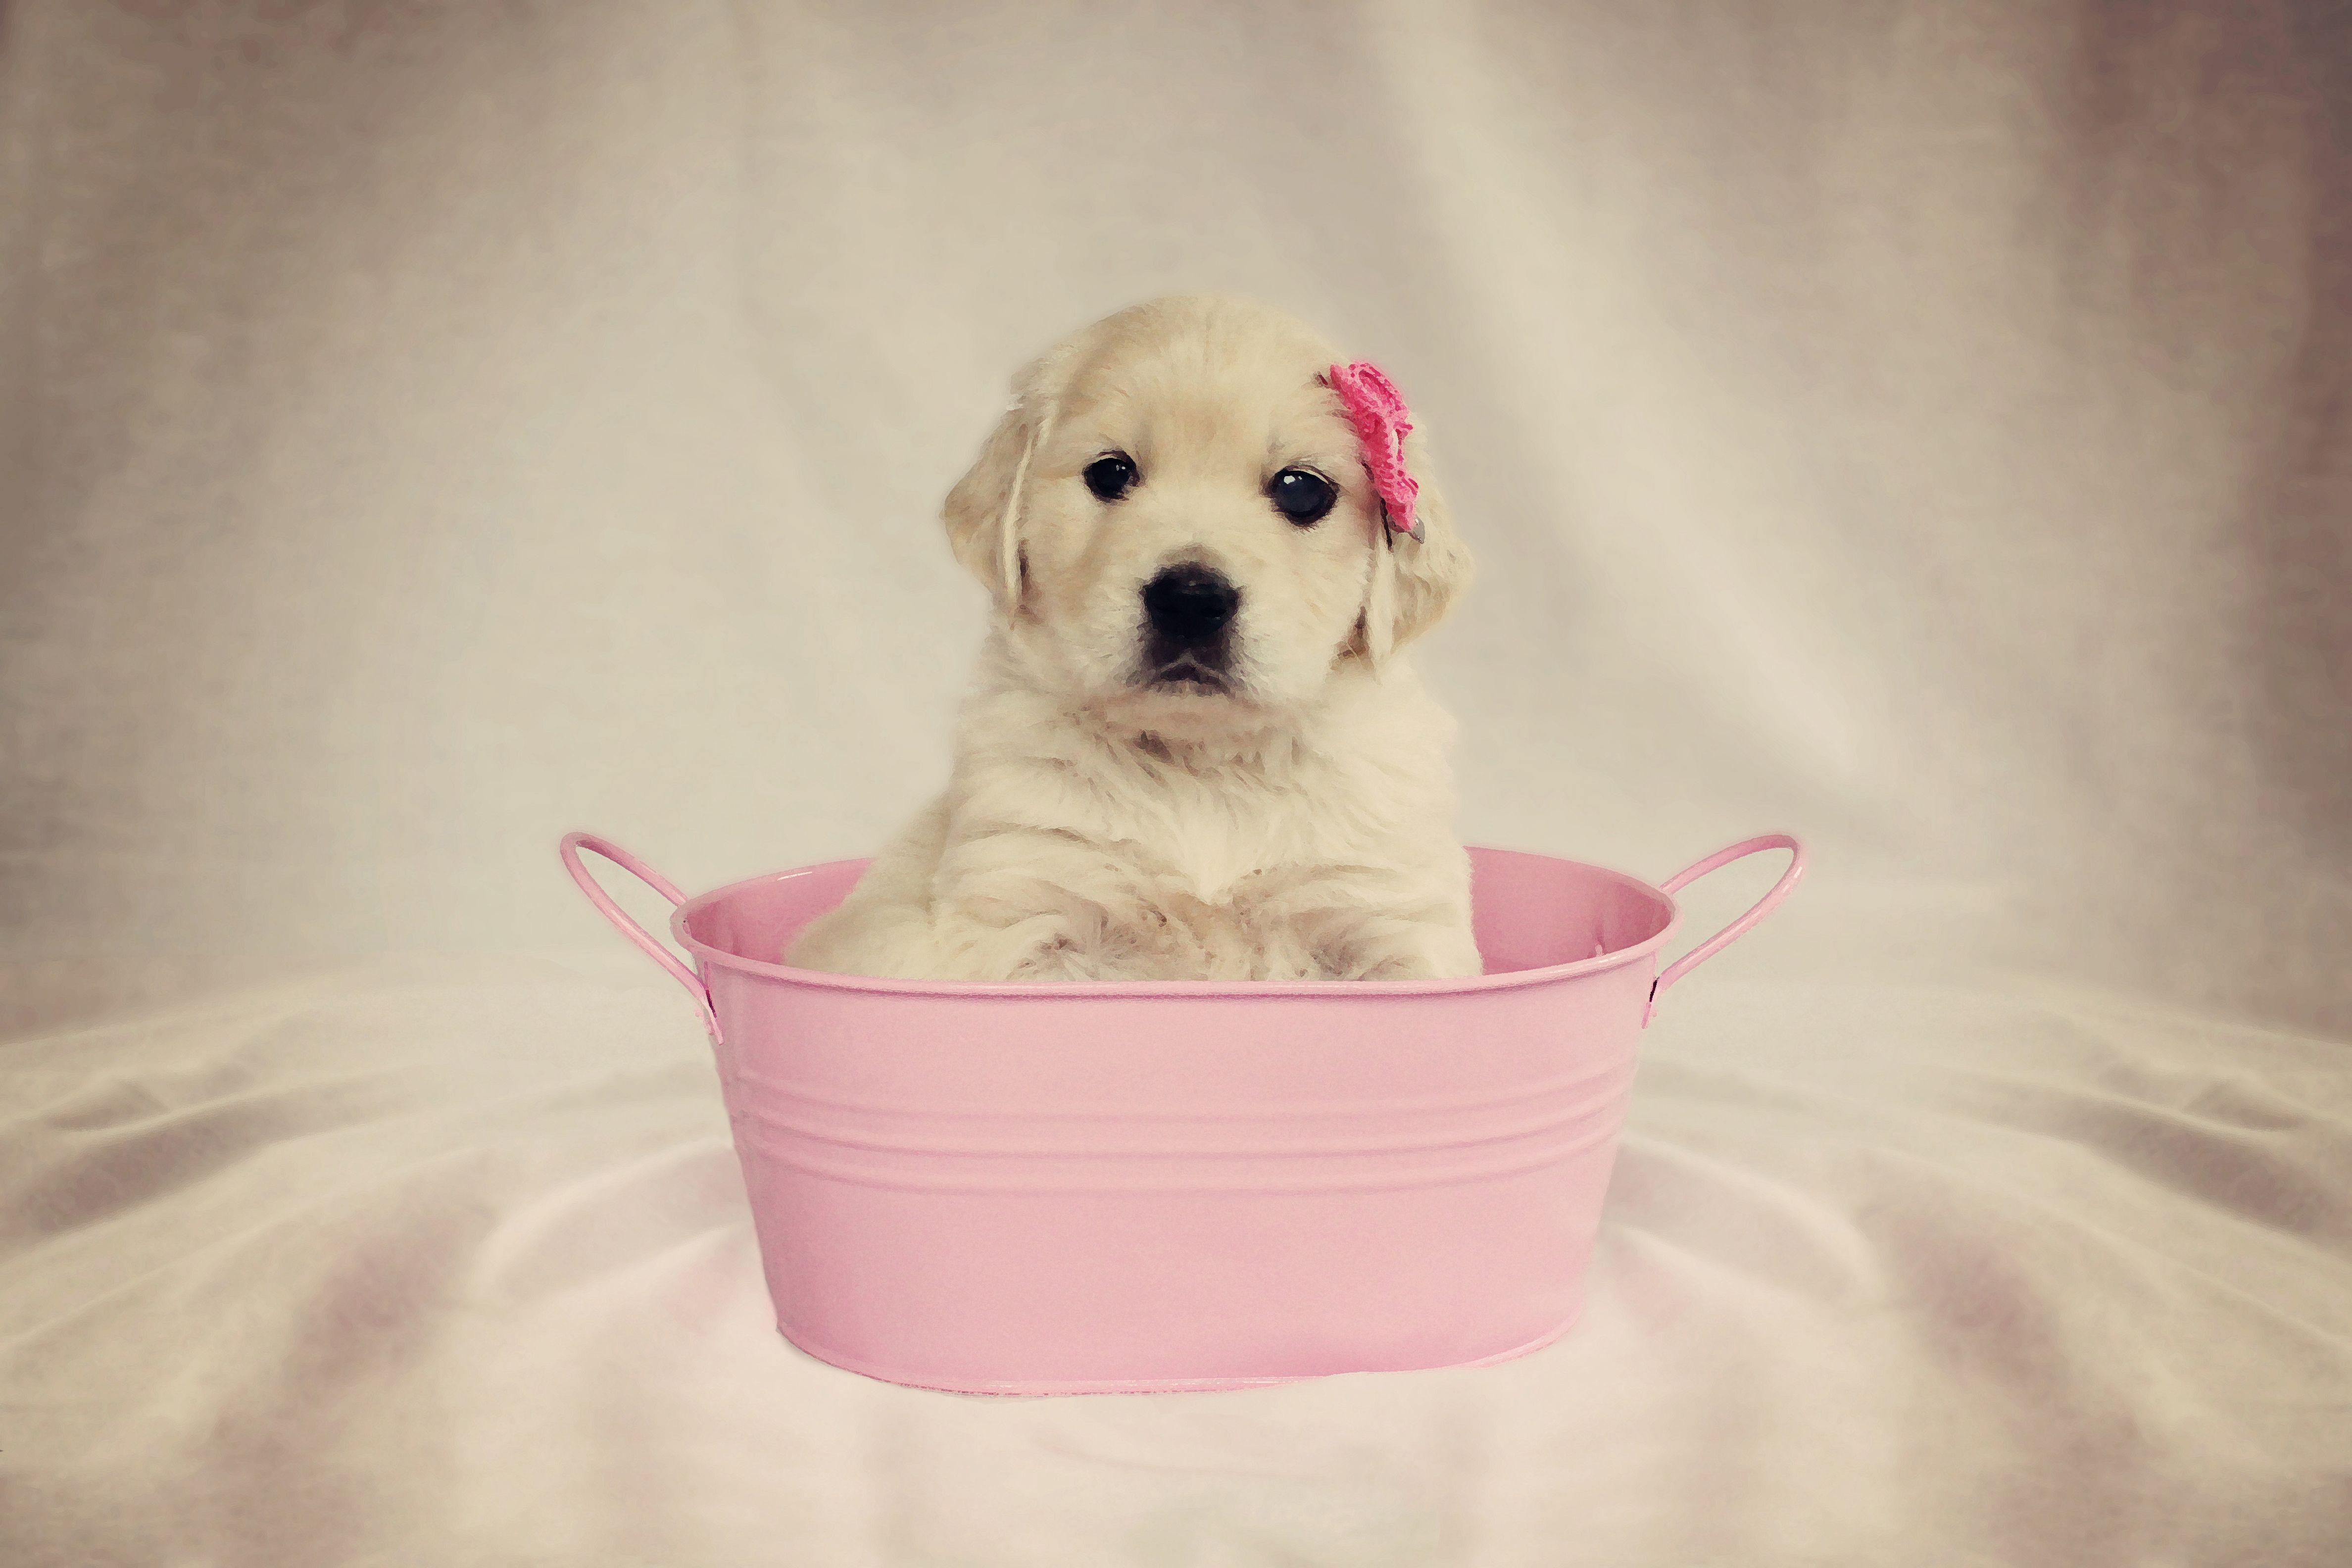 Pretty In Pink Golden Retriever Puppy Golden Puppies English Golden Retriever Puppy Golden Retriever Puppy